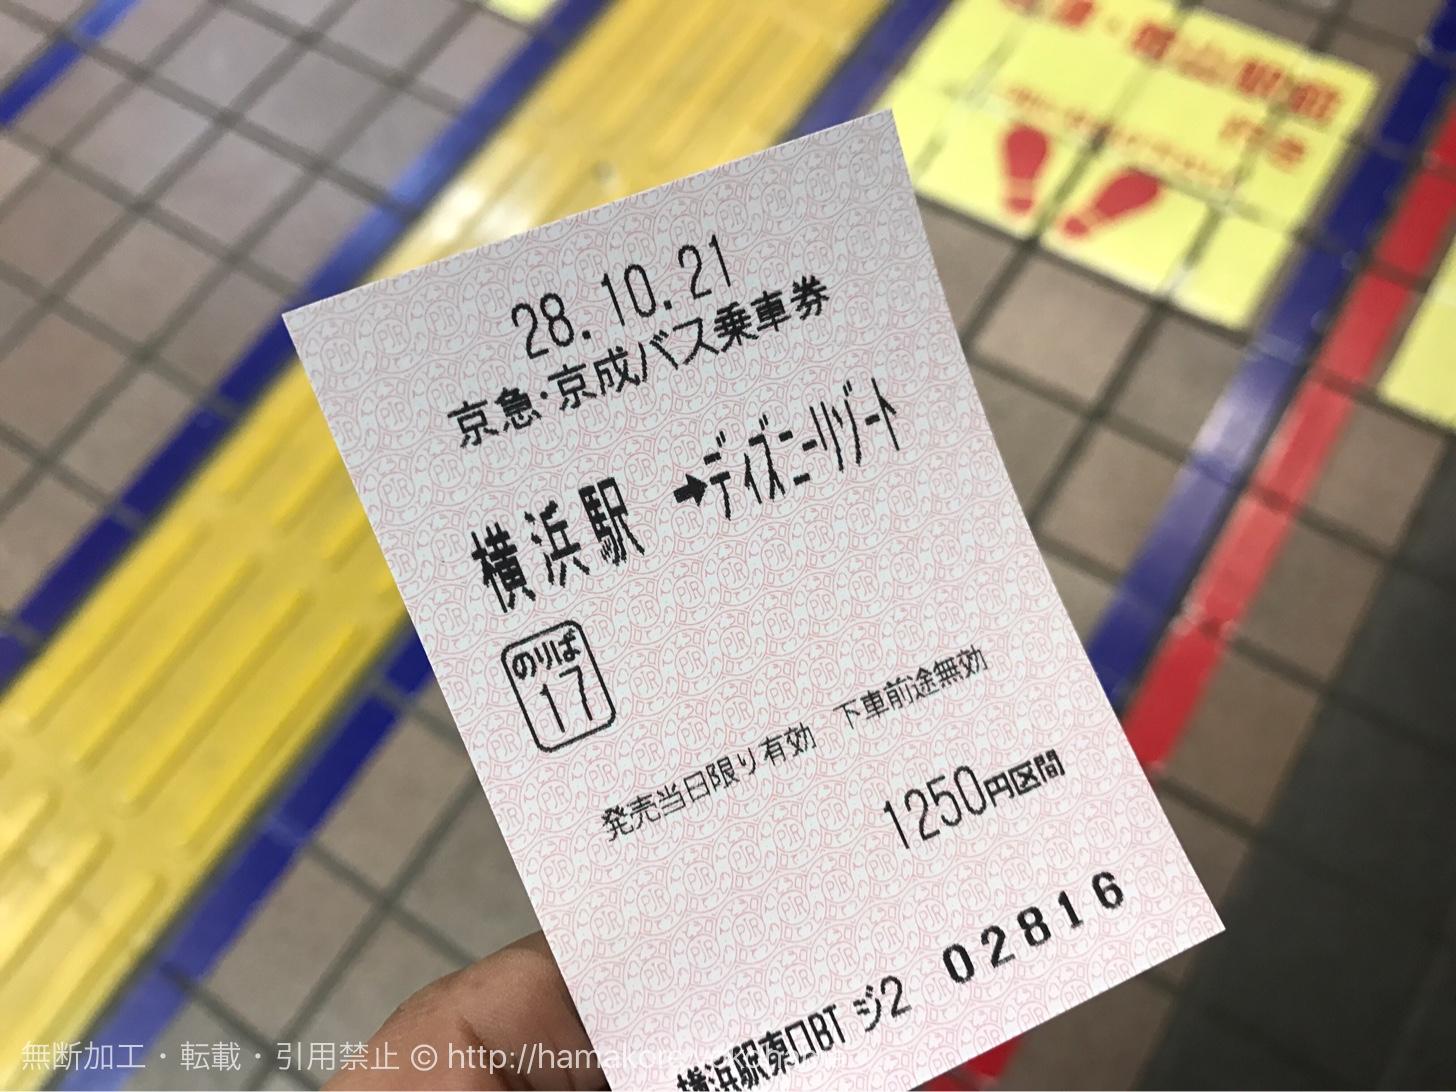 ディズニーリゾート行きチケット